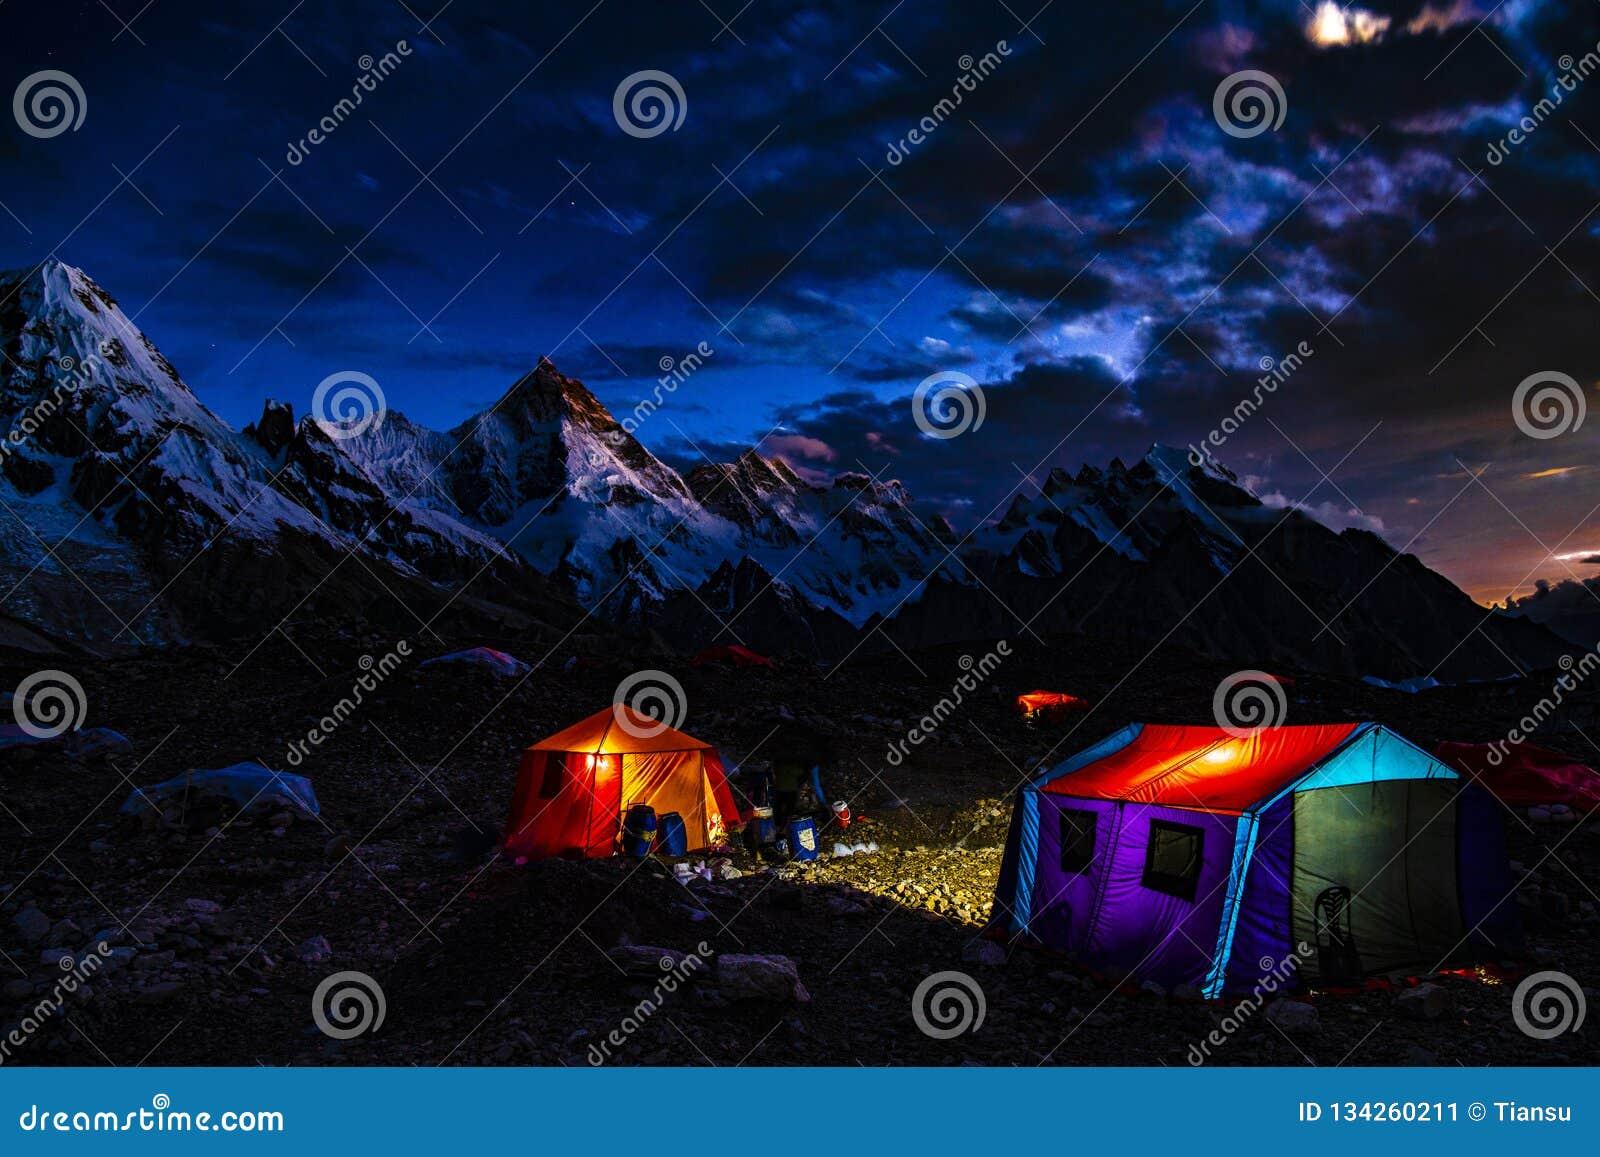 巴基斯坦迁徙Mt玛夏布洛姆峰日落的喀喇昆仑山脉K2